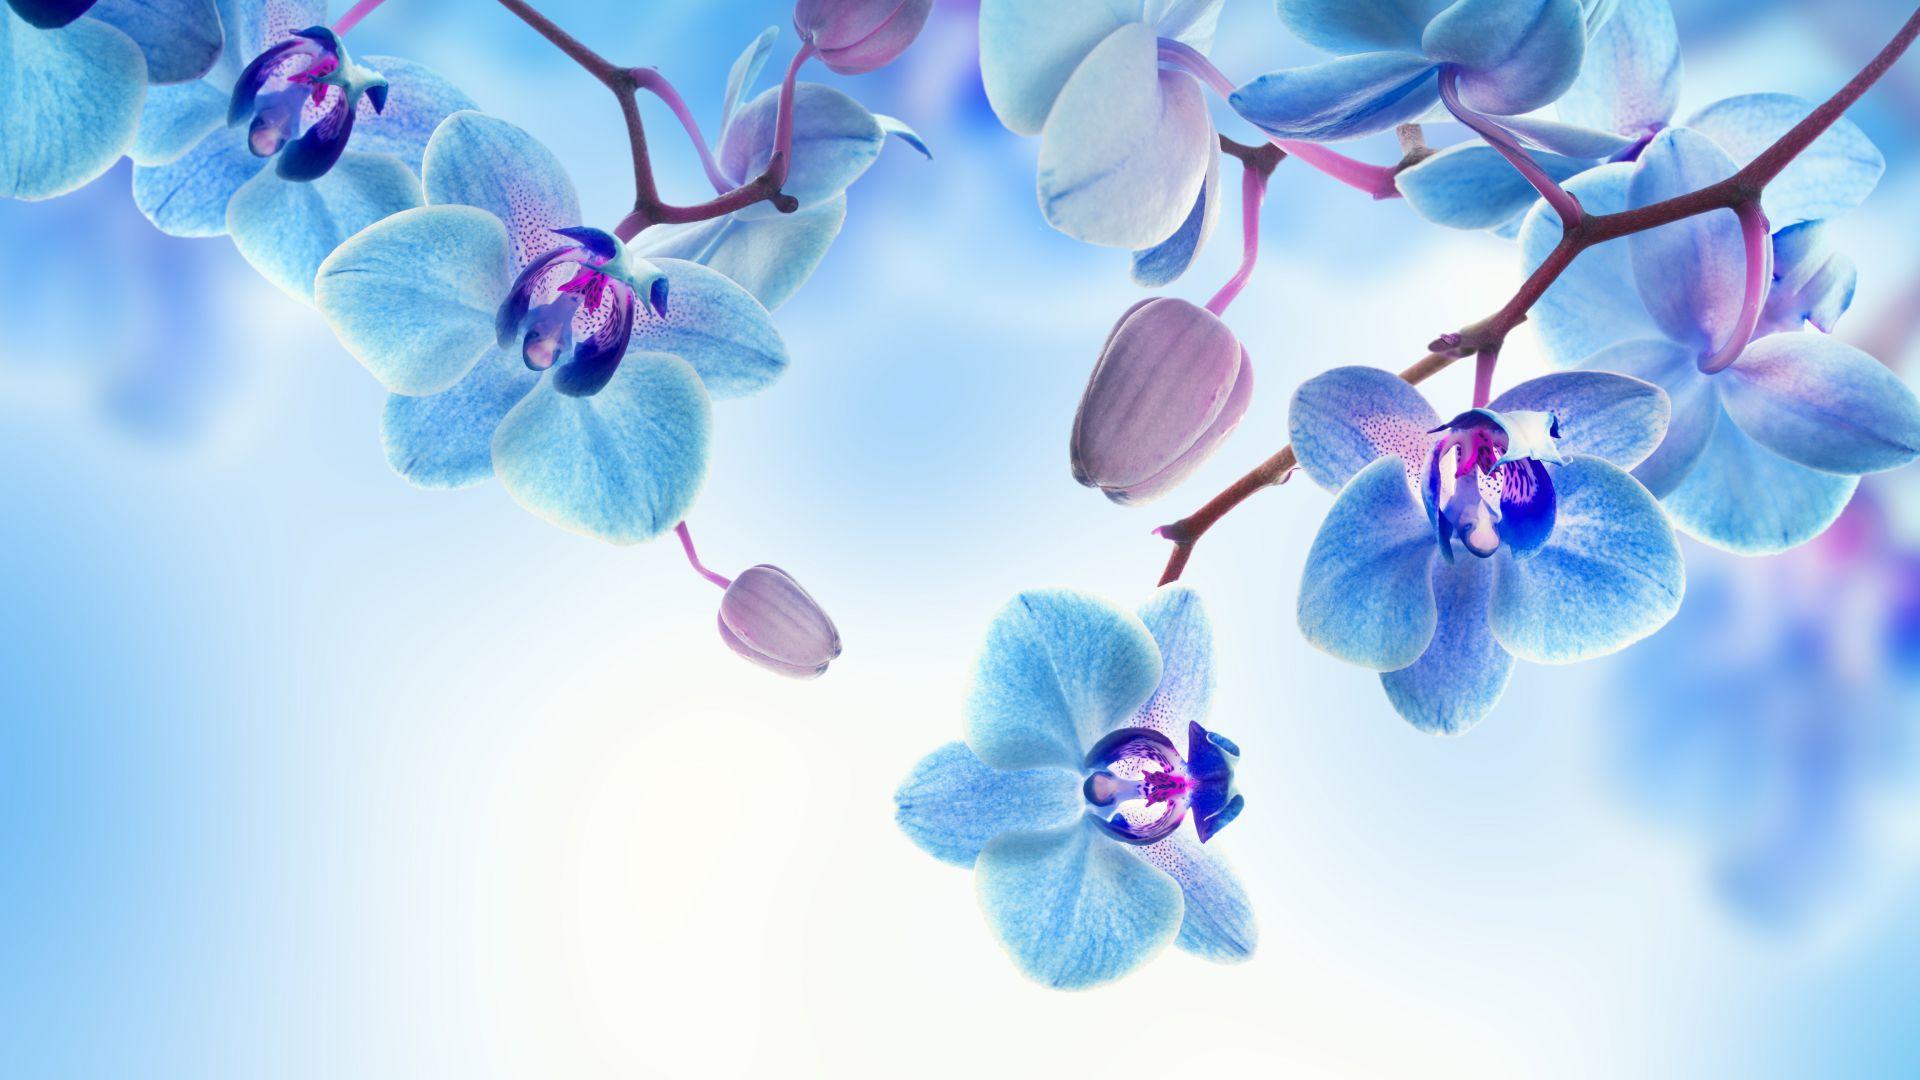 Обои на рабочий стол орхидеи бабочки